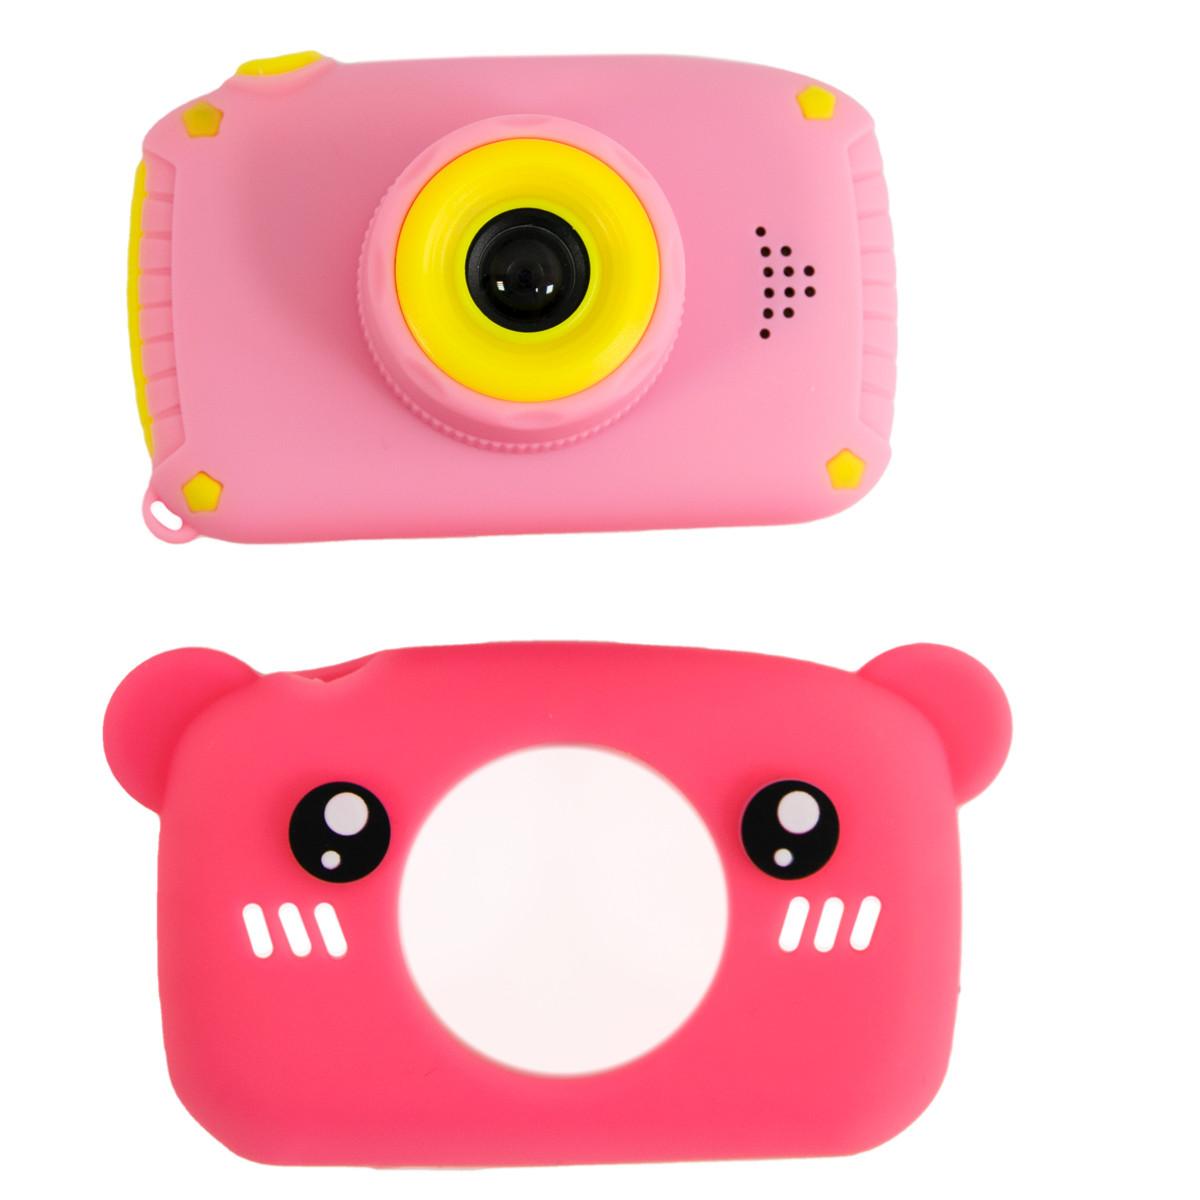 """Дитячий Рожевий цифровий фотоапарат """"Сhildrens fun camera - ведмідь"""", дитяча камера (детский фотоаппарат)"""